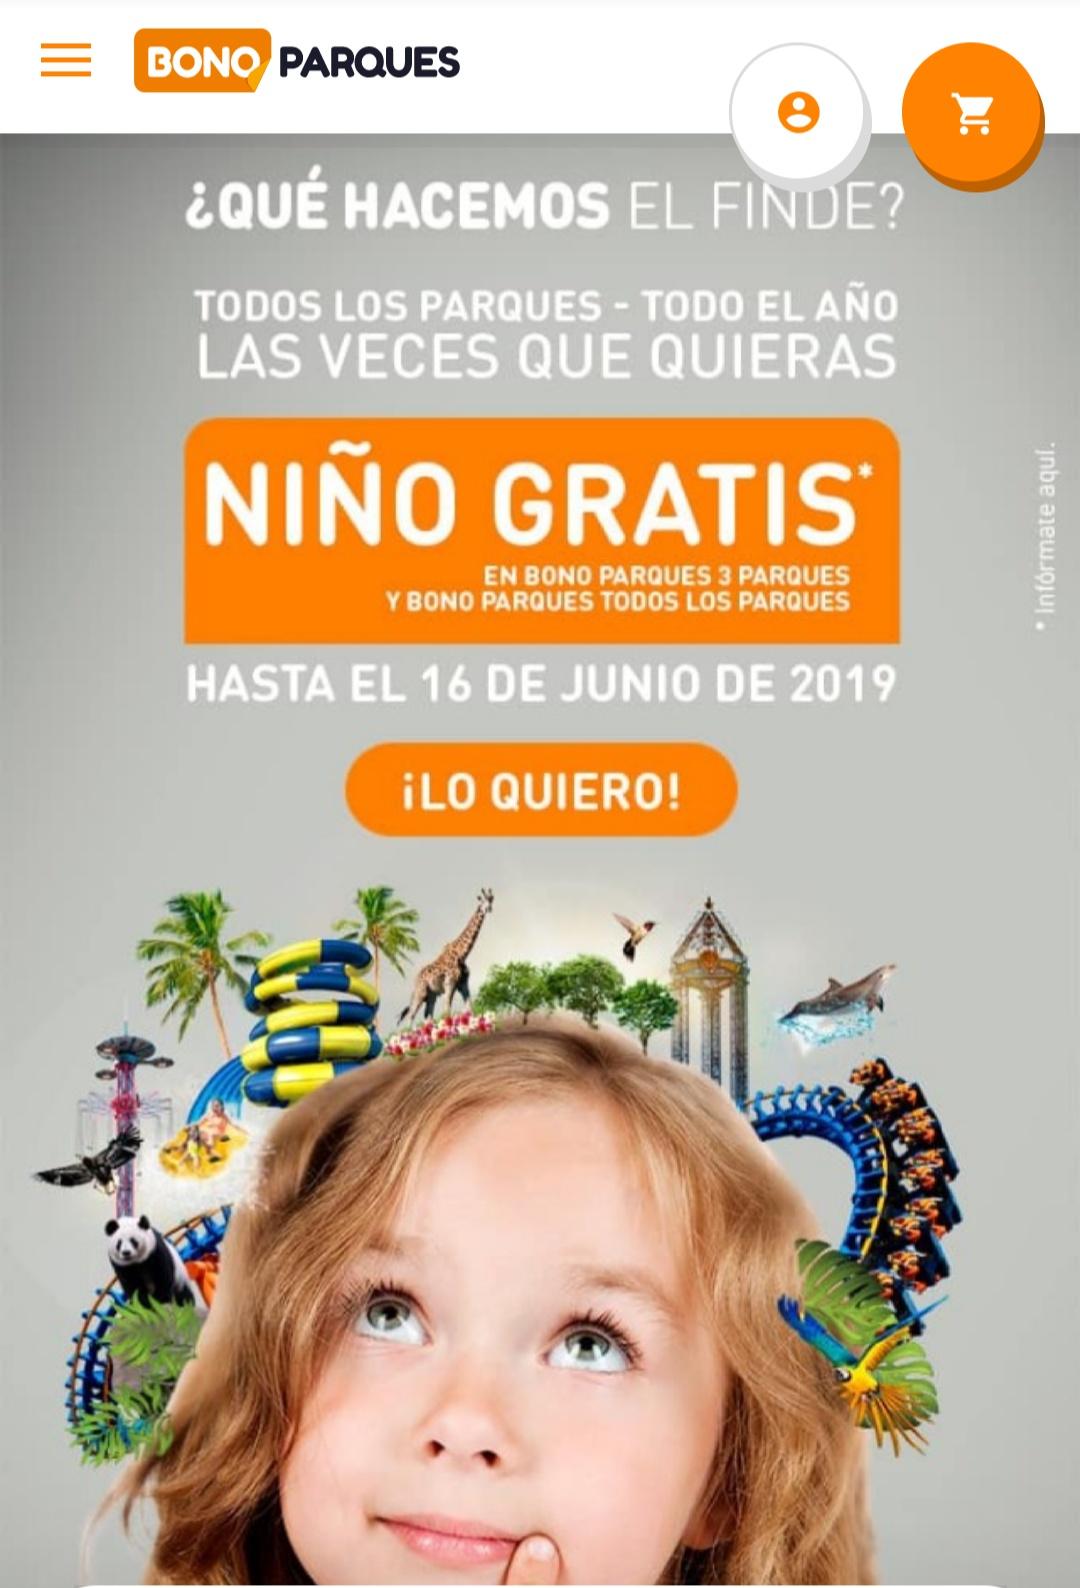 Niño gratis hasta 10años gratis por cada bono parque adulto